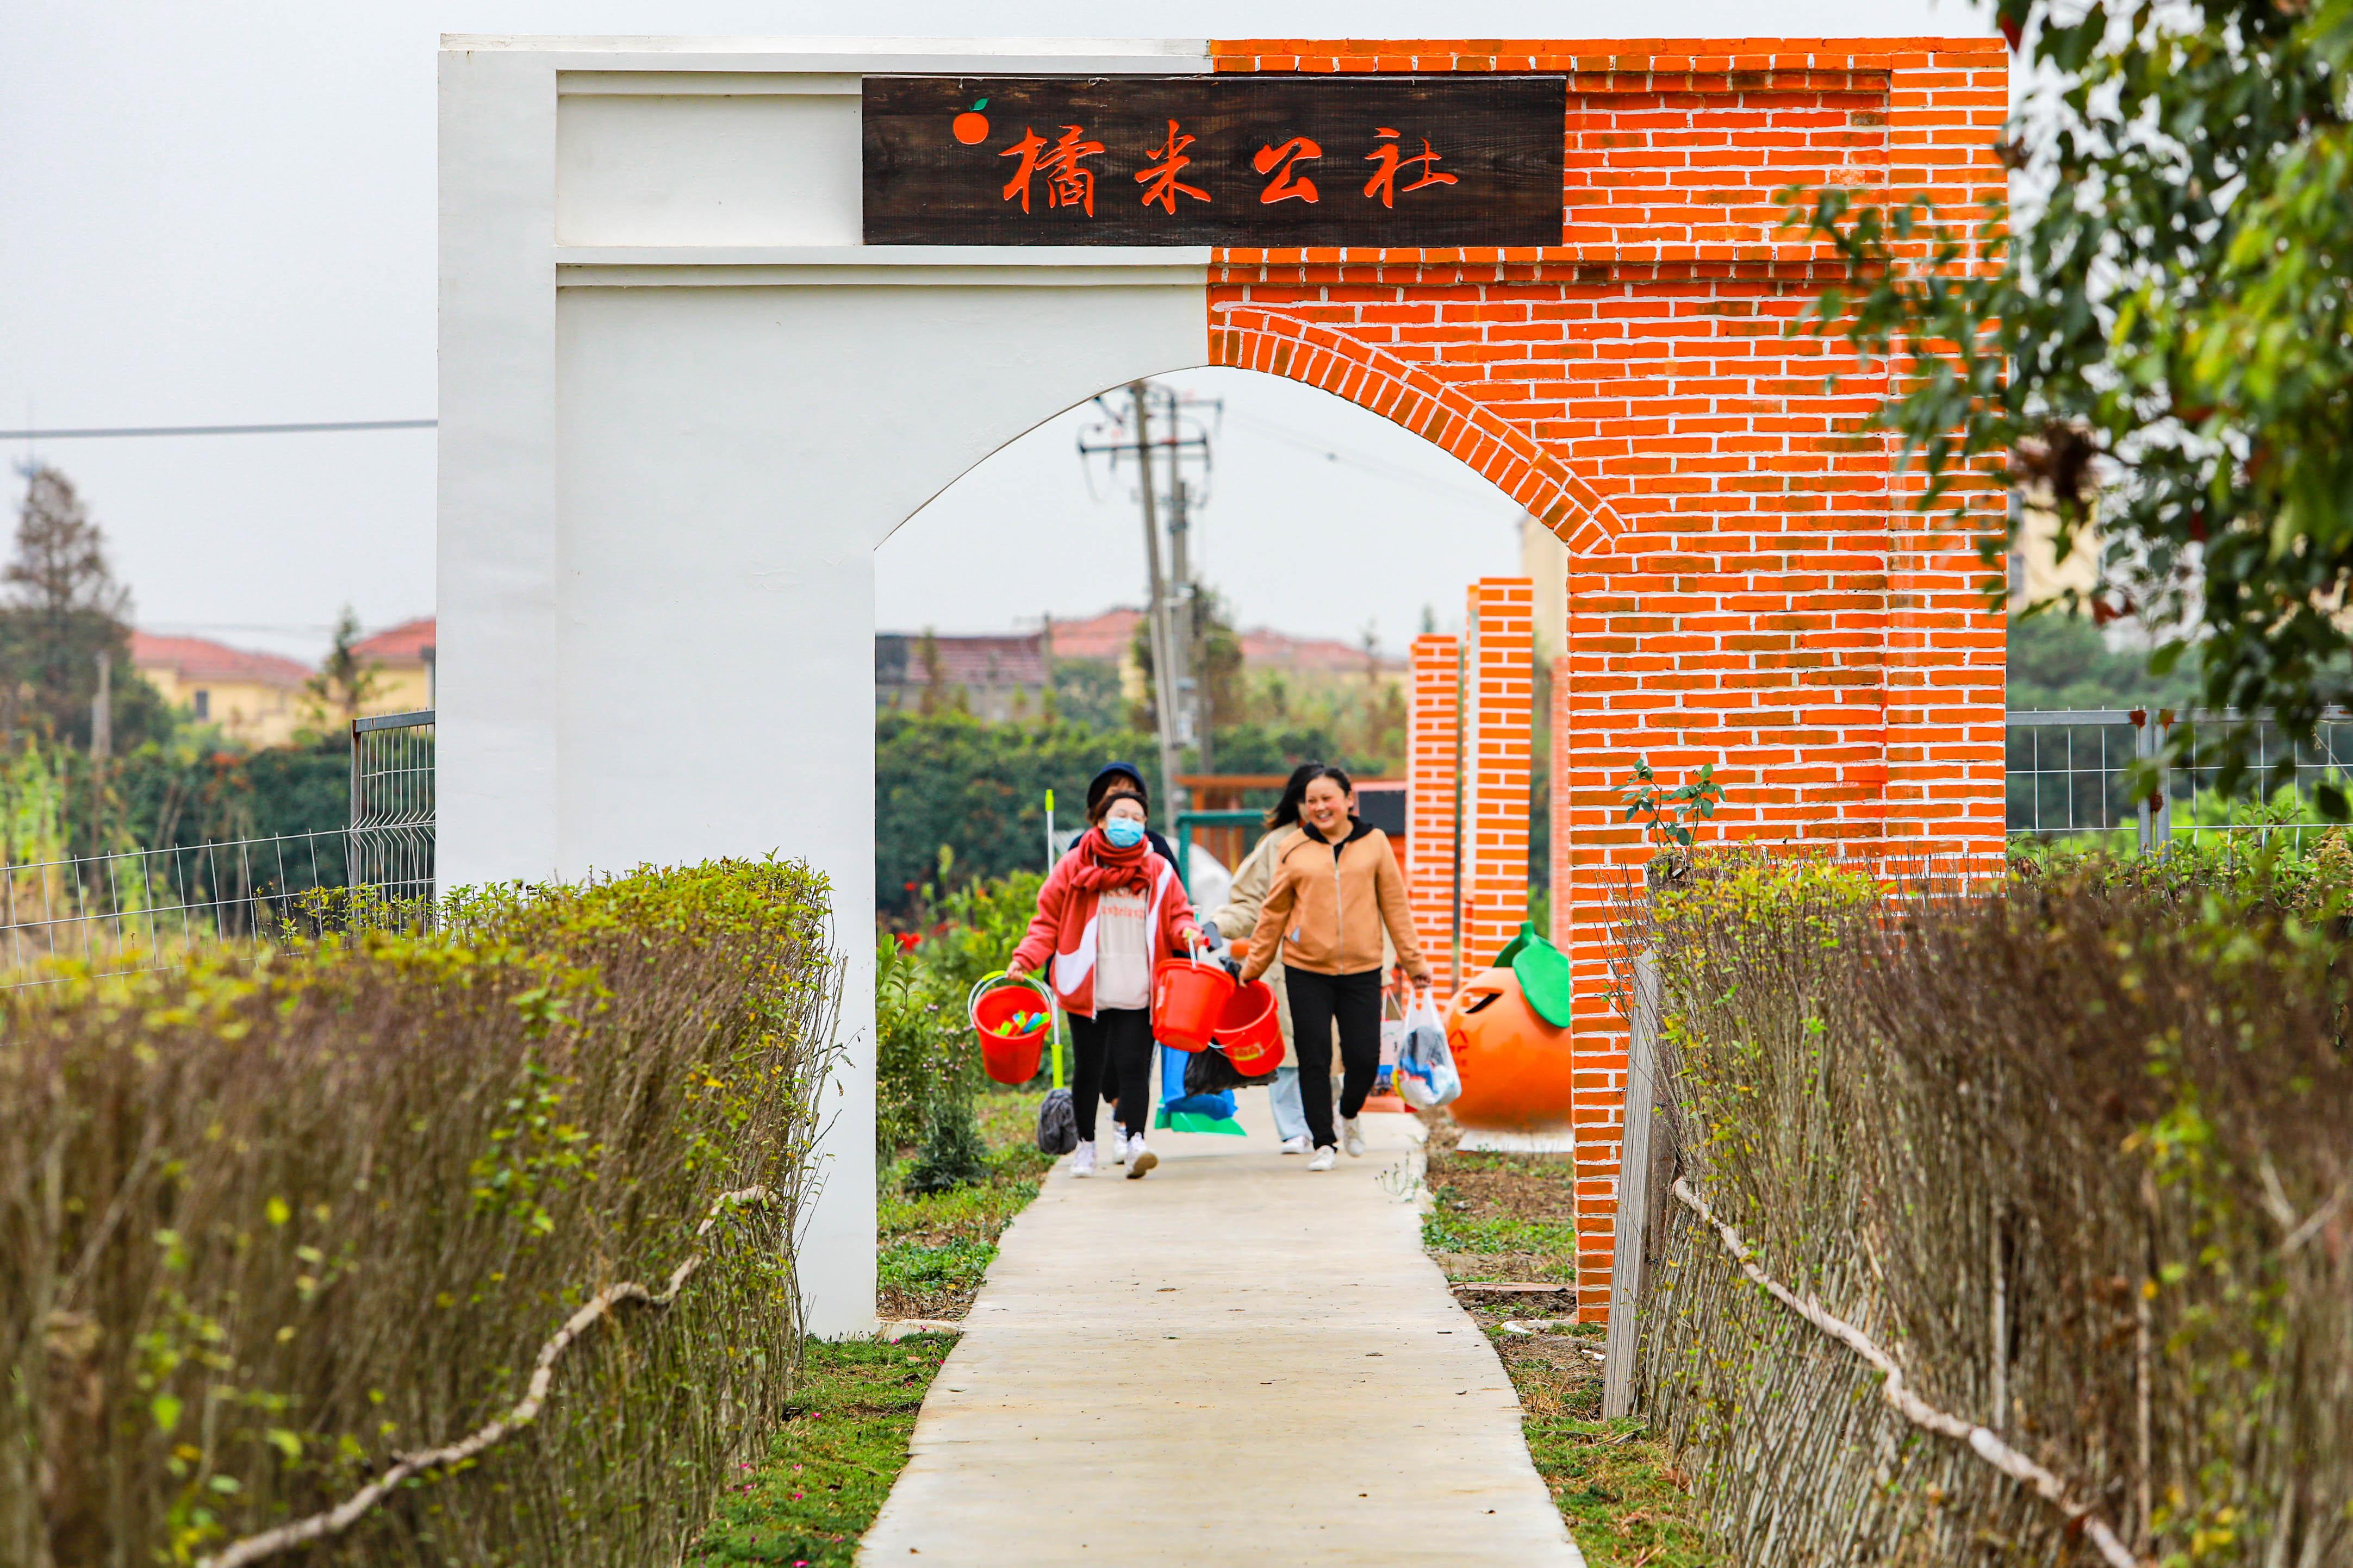 """""""橘米公社""""是一座由华严村集体土地、集体资金、集体劳动投入、村民共享的园林式农业庄园。"""